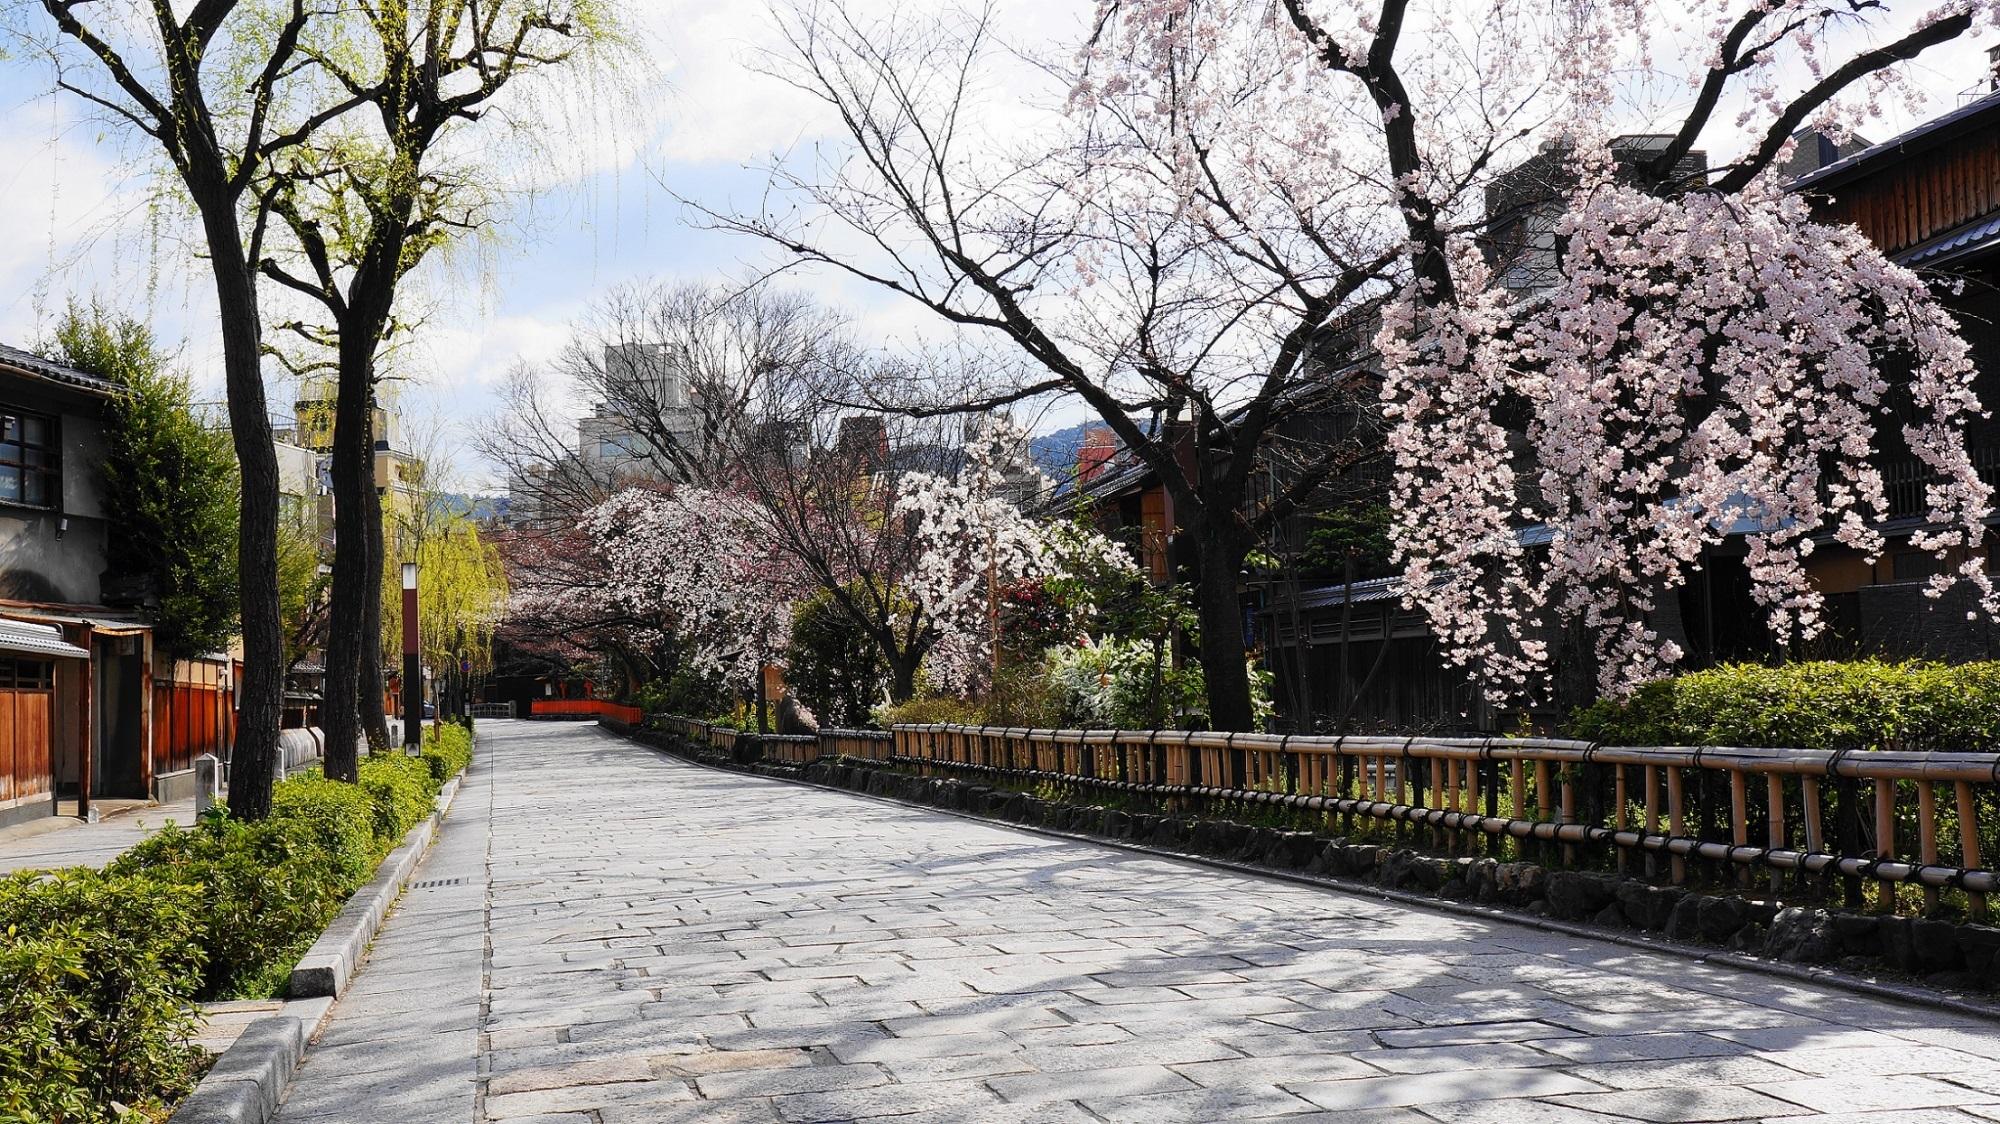 ガラスに映る桜と春色の石畳